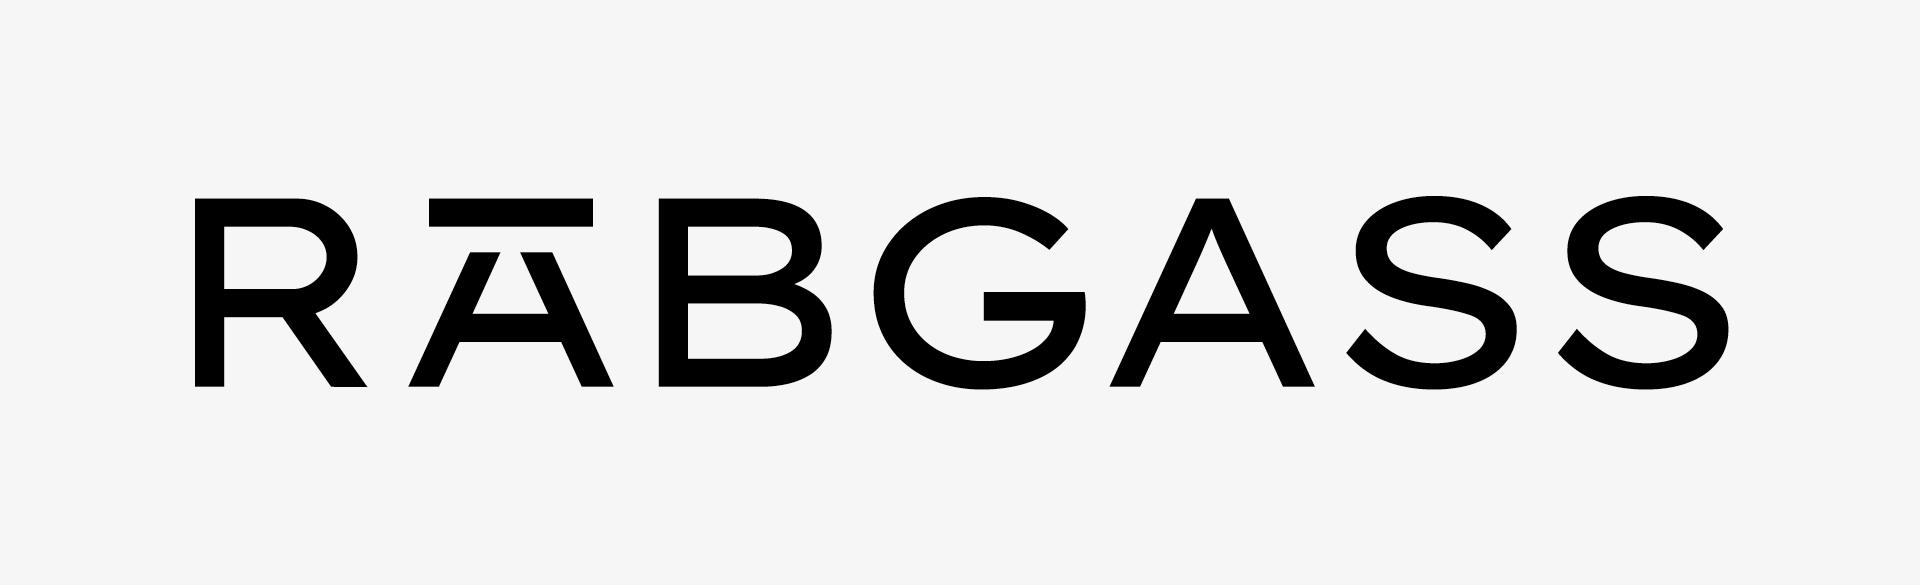 cr Basel Werbeagentur Räbgass